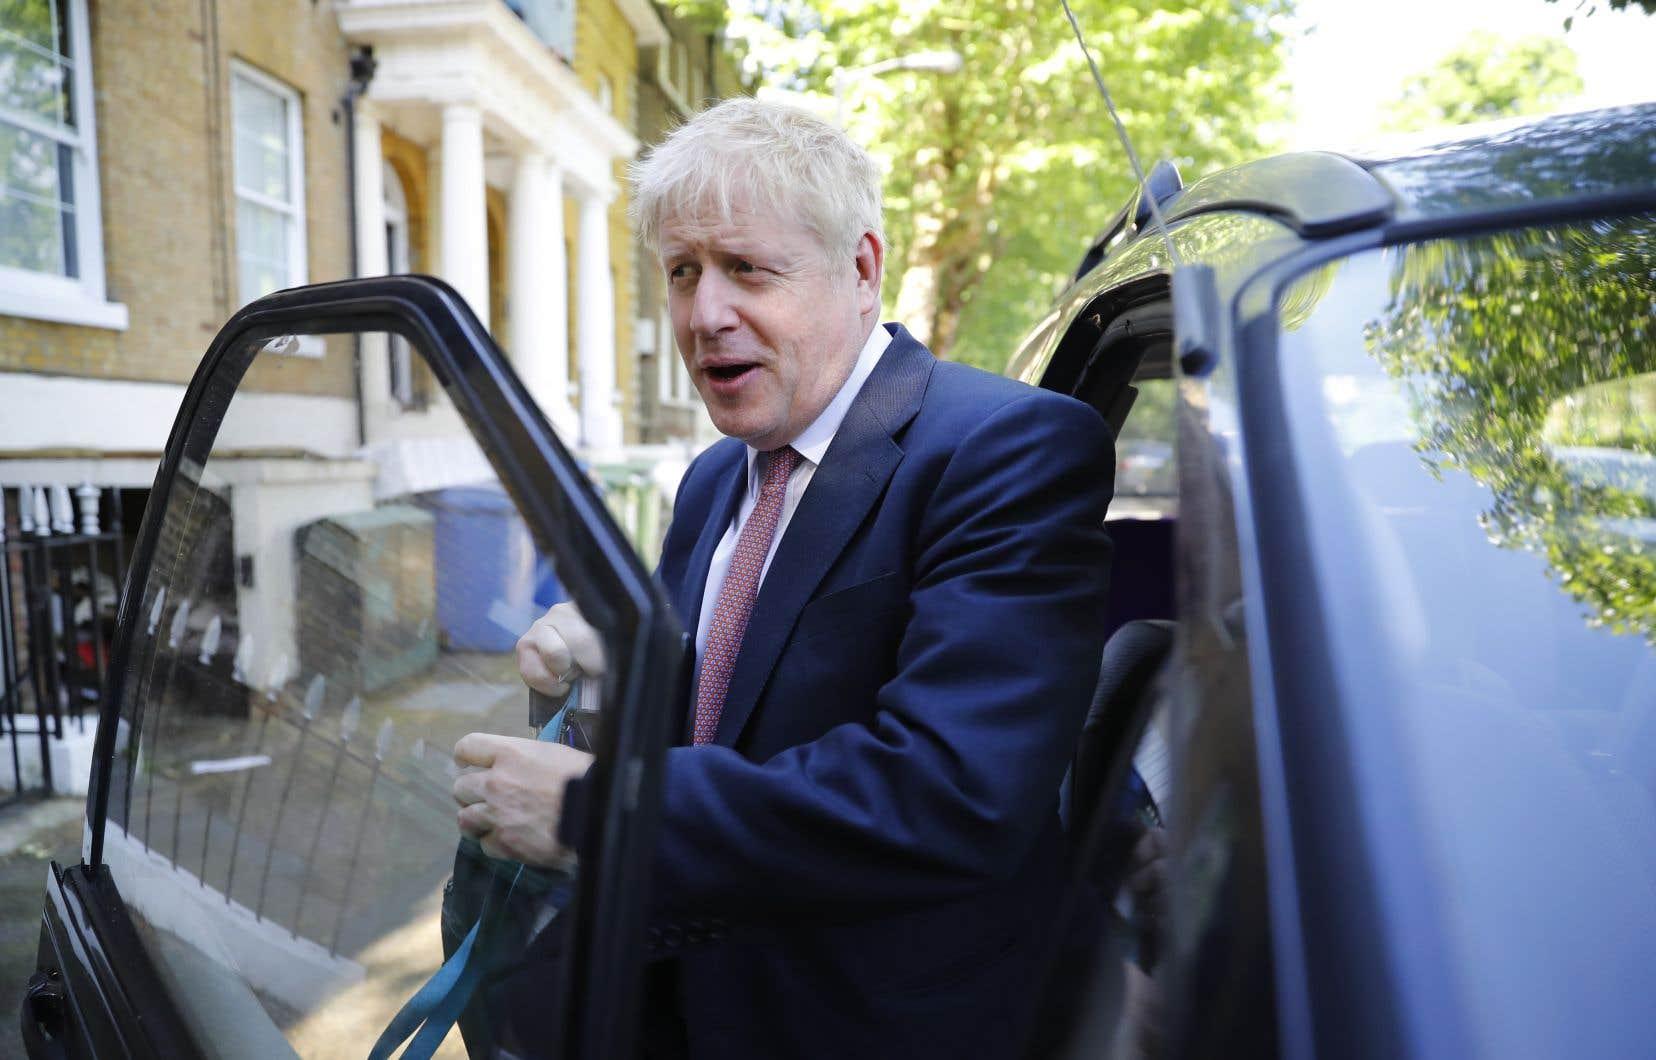 Favori pour le poste de chef du Parti conservateur, Boris Johnson a menacé de ne pas payer la facture du Brexit si l'Union européenne n'acceptait pas de meilleures conditions de sortie pour son pays.